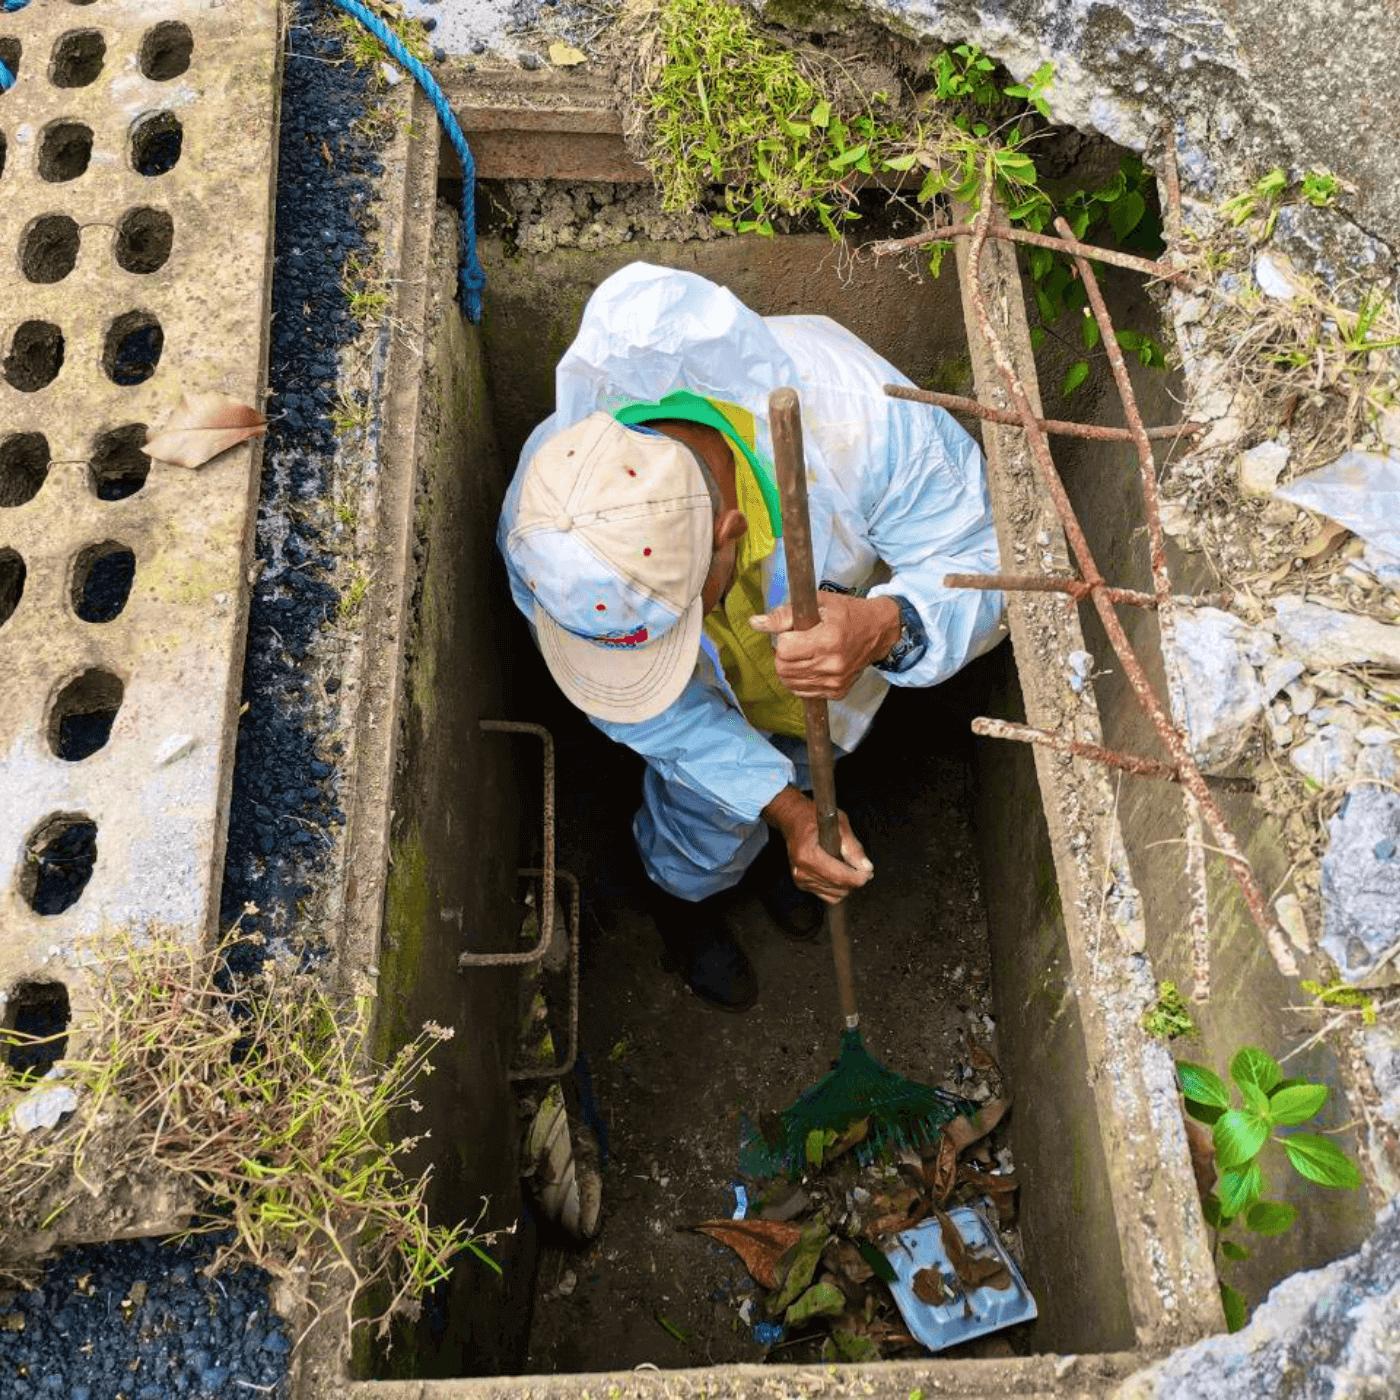 La Protección Municipal Ante Las Inundaciones En Santa Tecla. Limpieza alcantarillado. Fotografía. Roberto d'Aubuisson. 2021